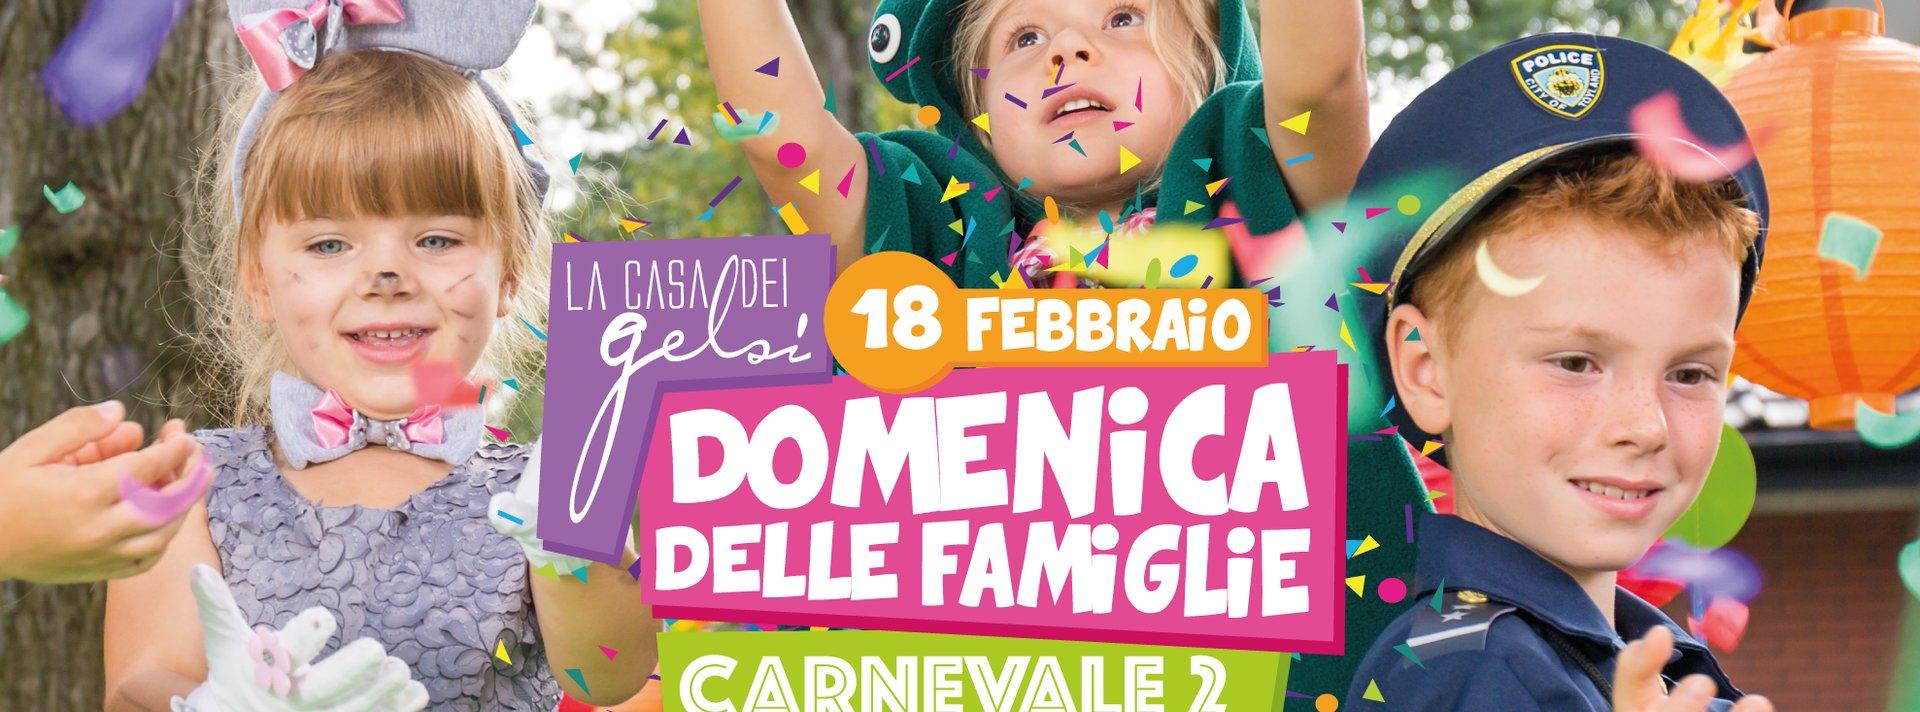 Carnevale domenica famiglie 2